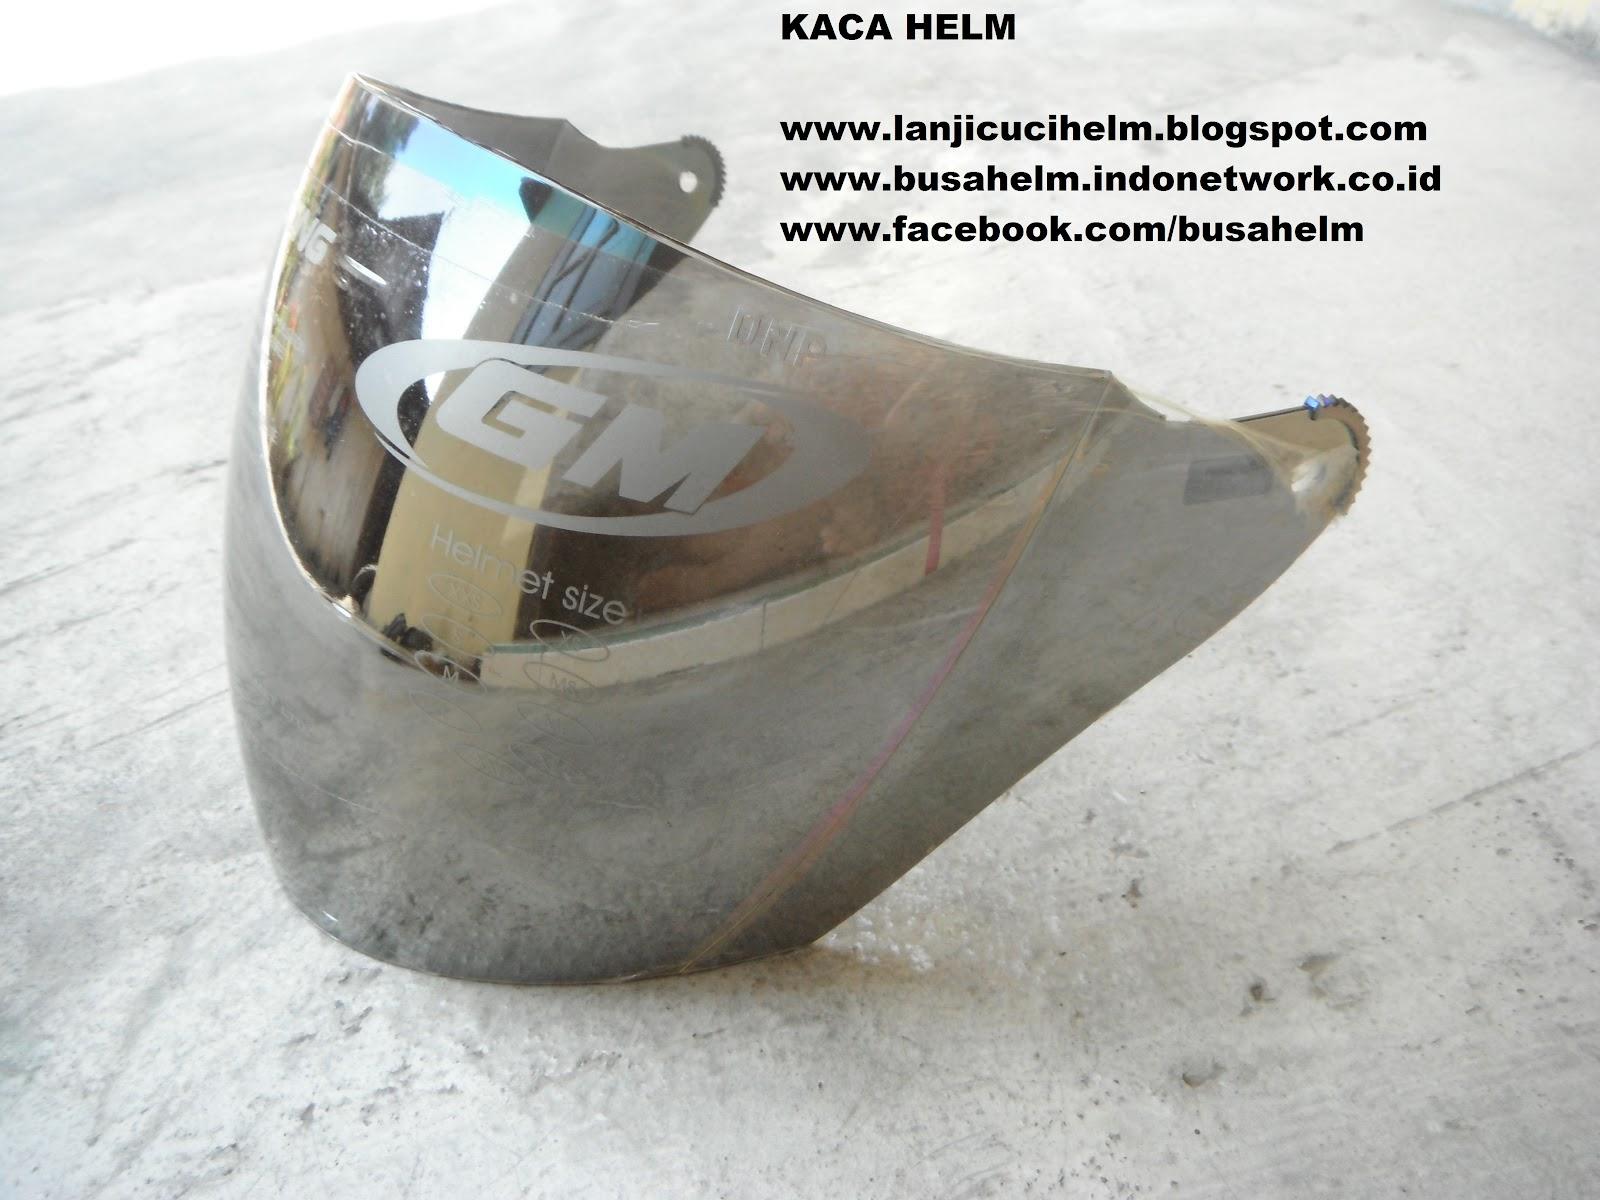 tersedia untuk helm half face maupun full face, baik untuk pembelian grosir maupun retail